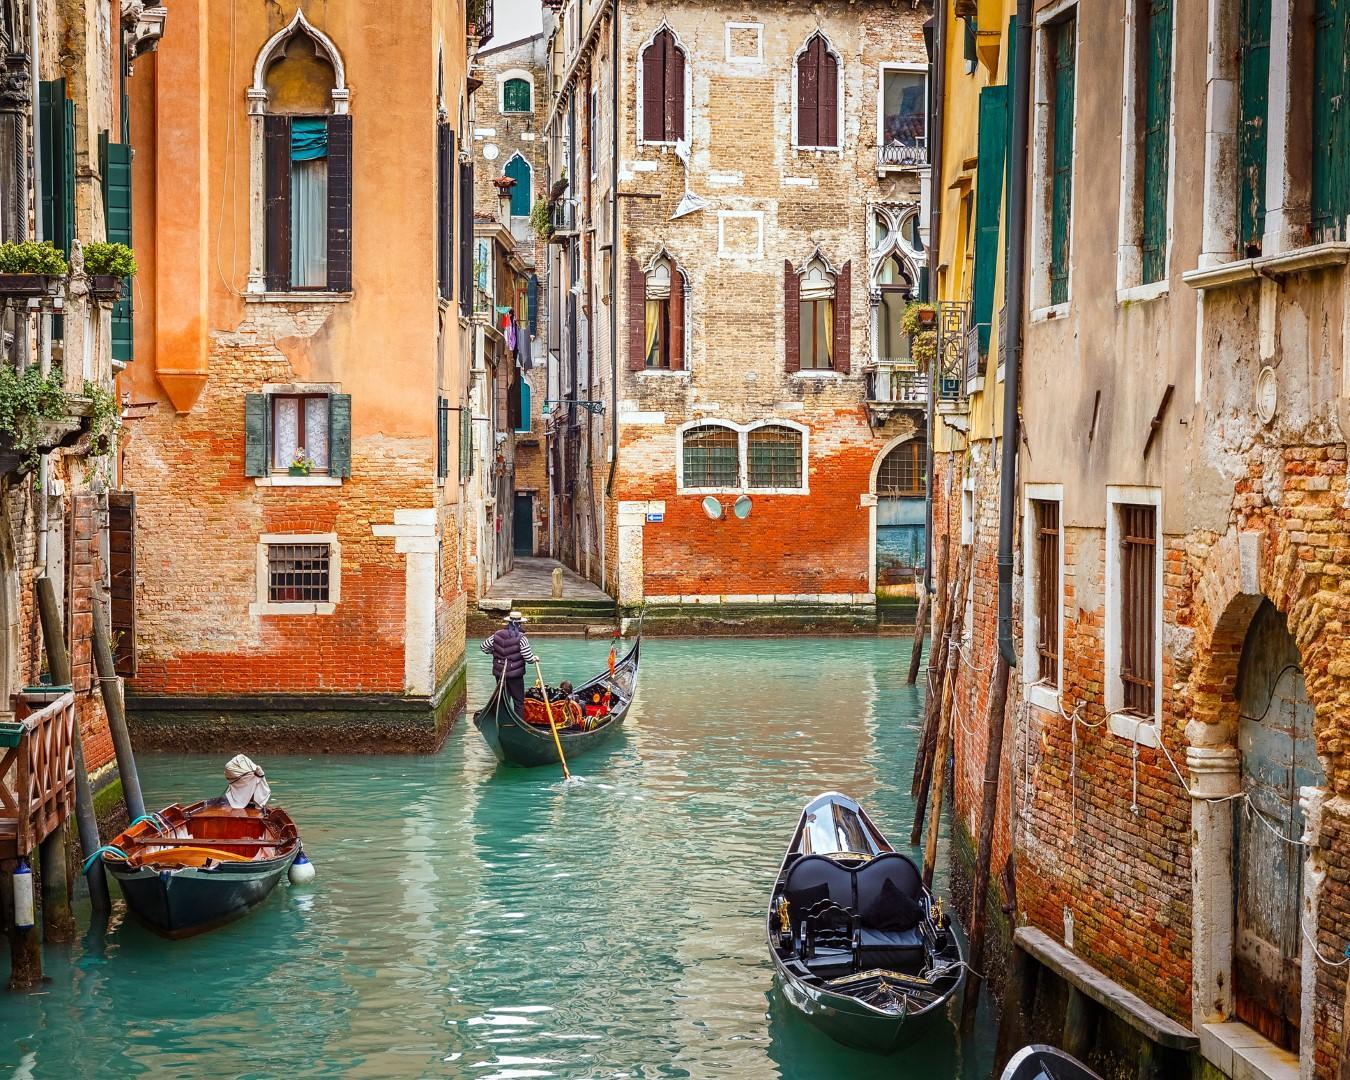 La Credenza Di Nonna Nara : Gita nella venezia anticonformista con lo shopping d elite tgcom